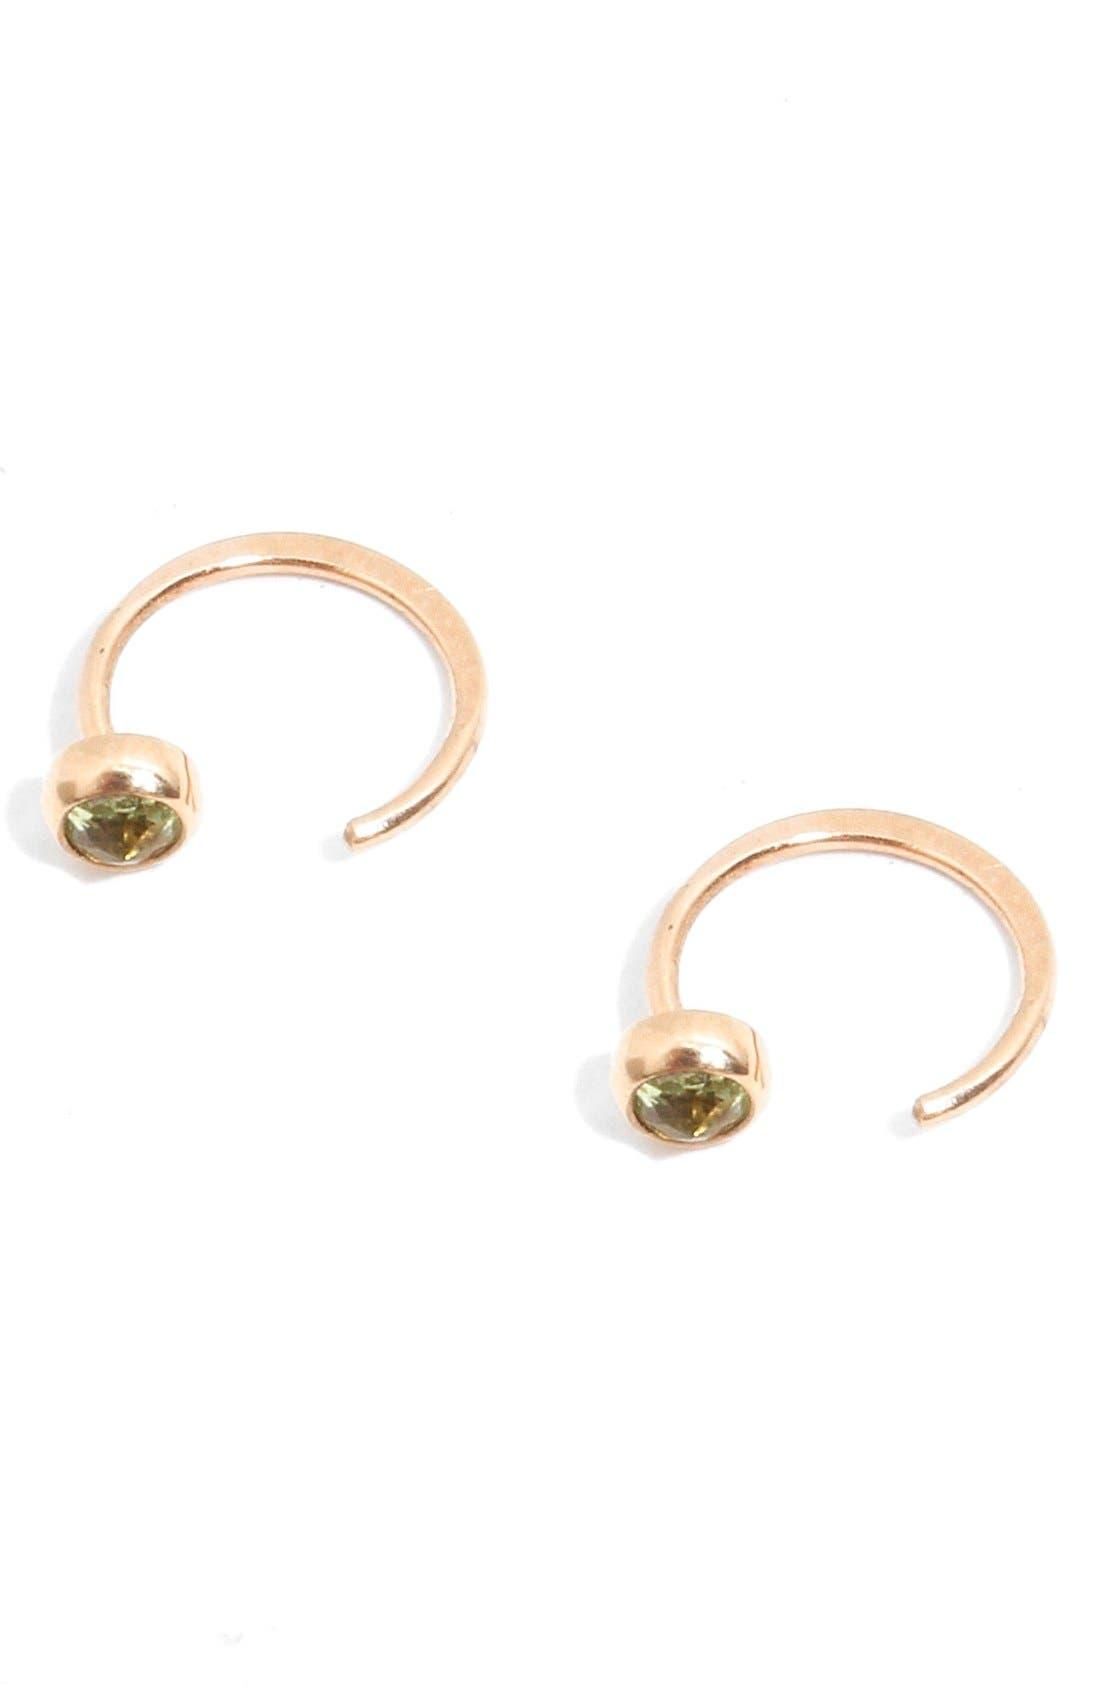 Peridot Hug Hoop Earrings,                             Alternate thumbnail 2, color,                             YELLOW GOLD/ PERIDOT